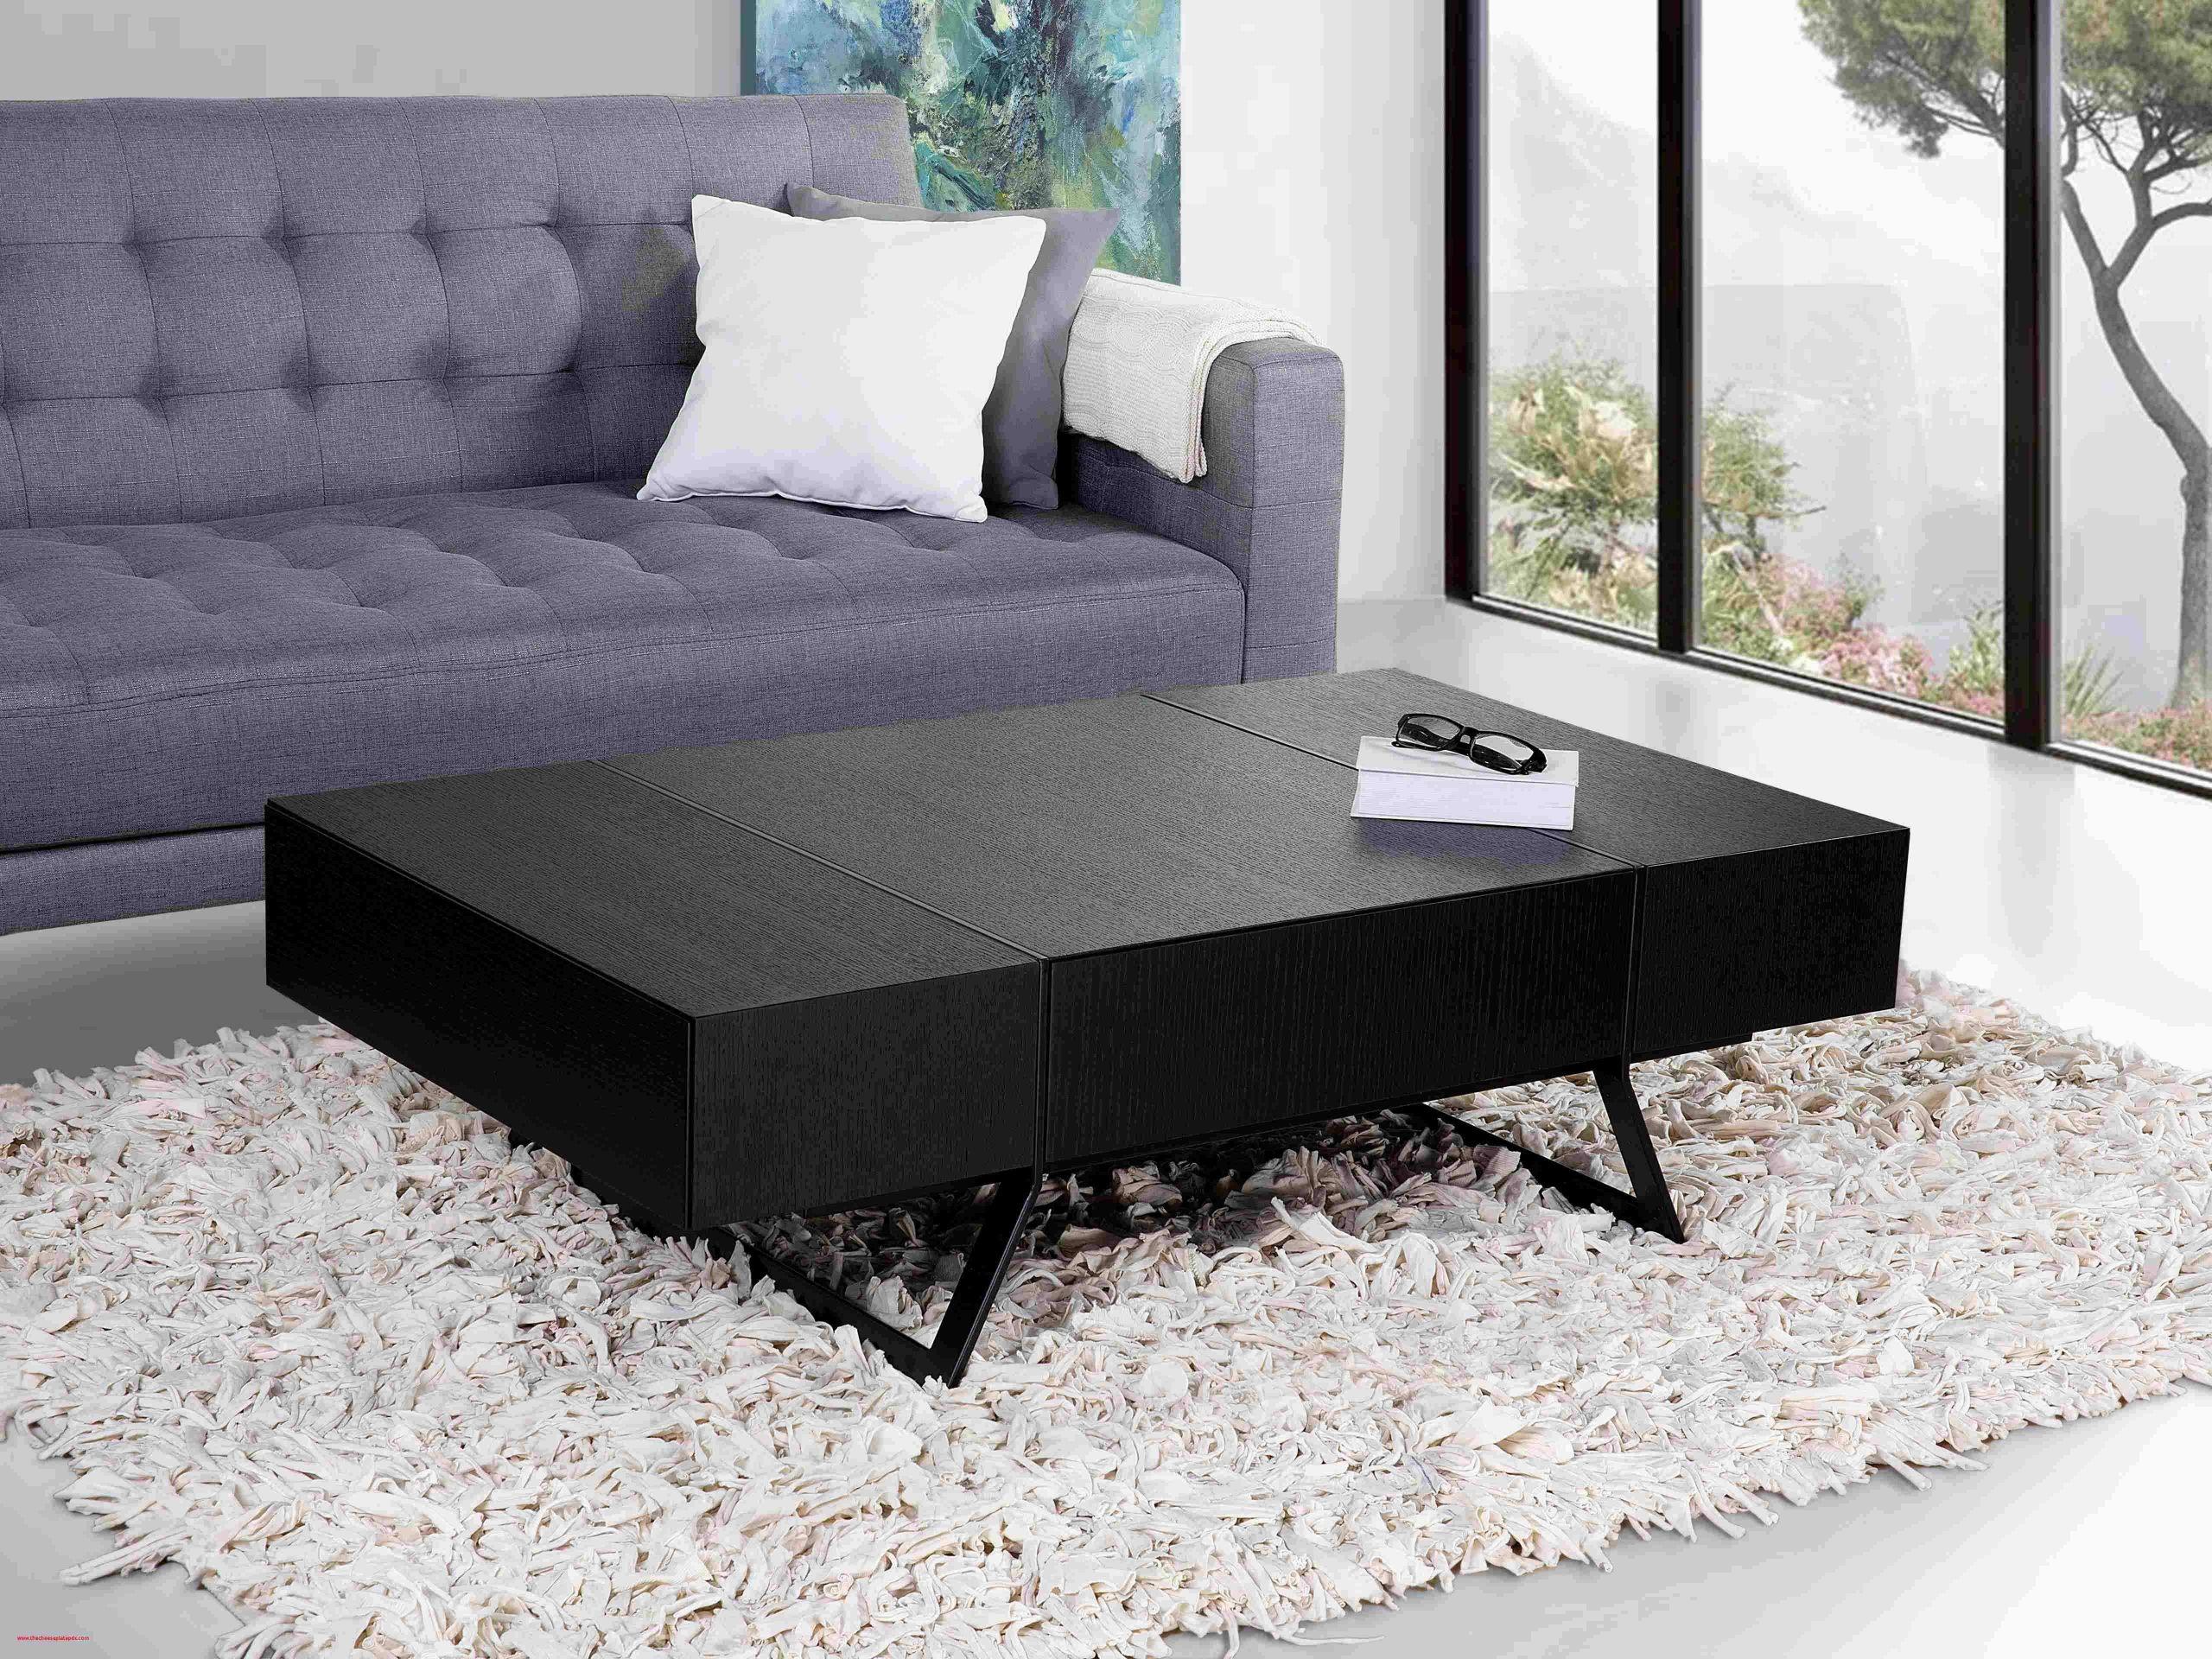 wohnzimmer couch gunstig luxus 37 beste von u sofa gunstig planen of wohnzimmer couch gunstig